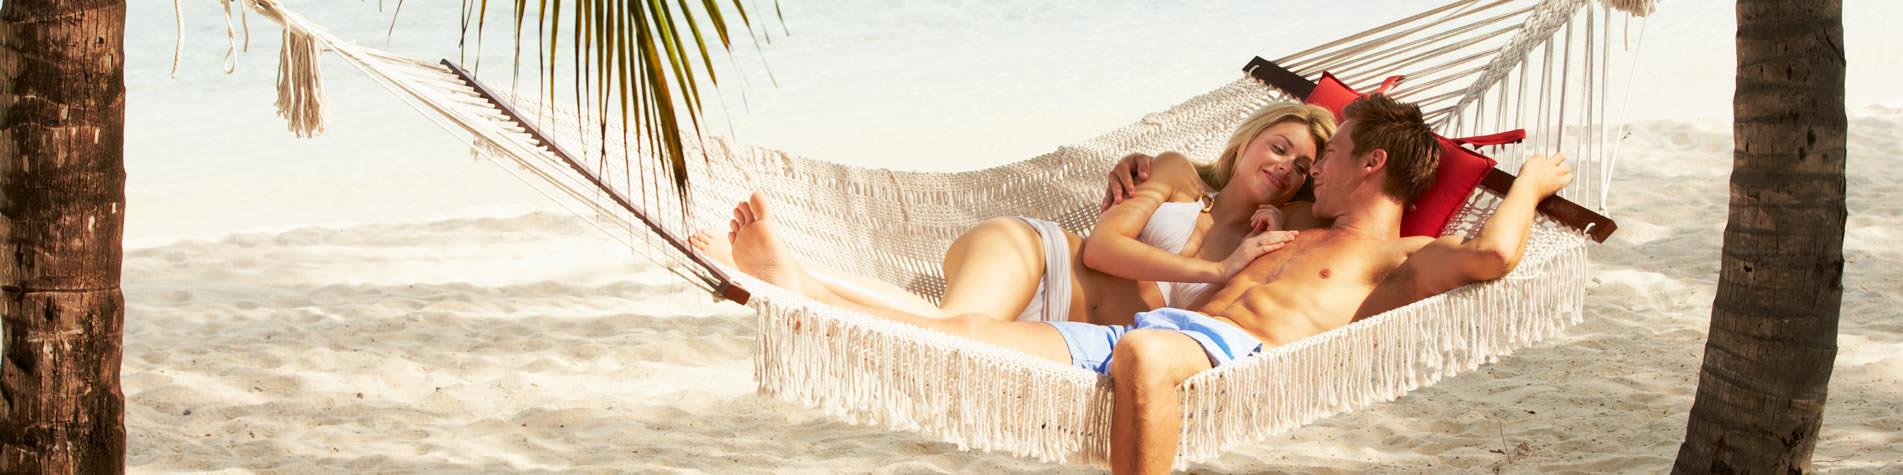 Beach Holidays with Cyplon Holidays